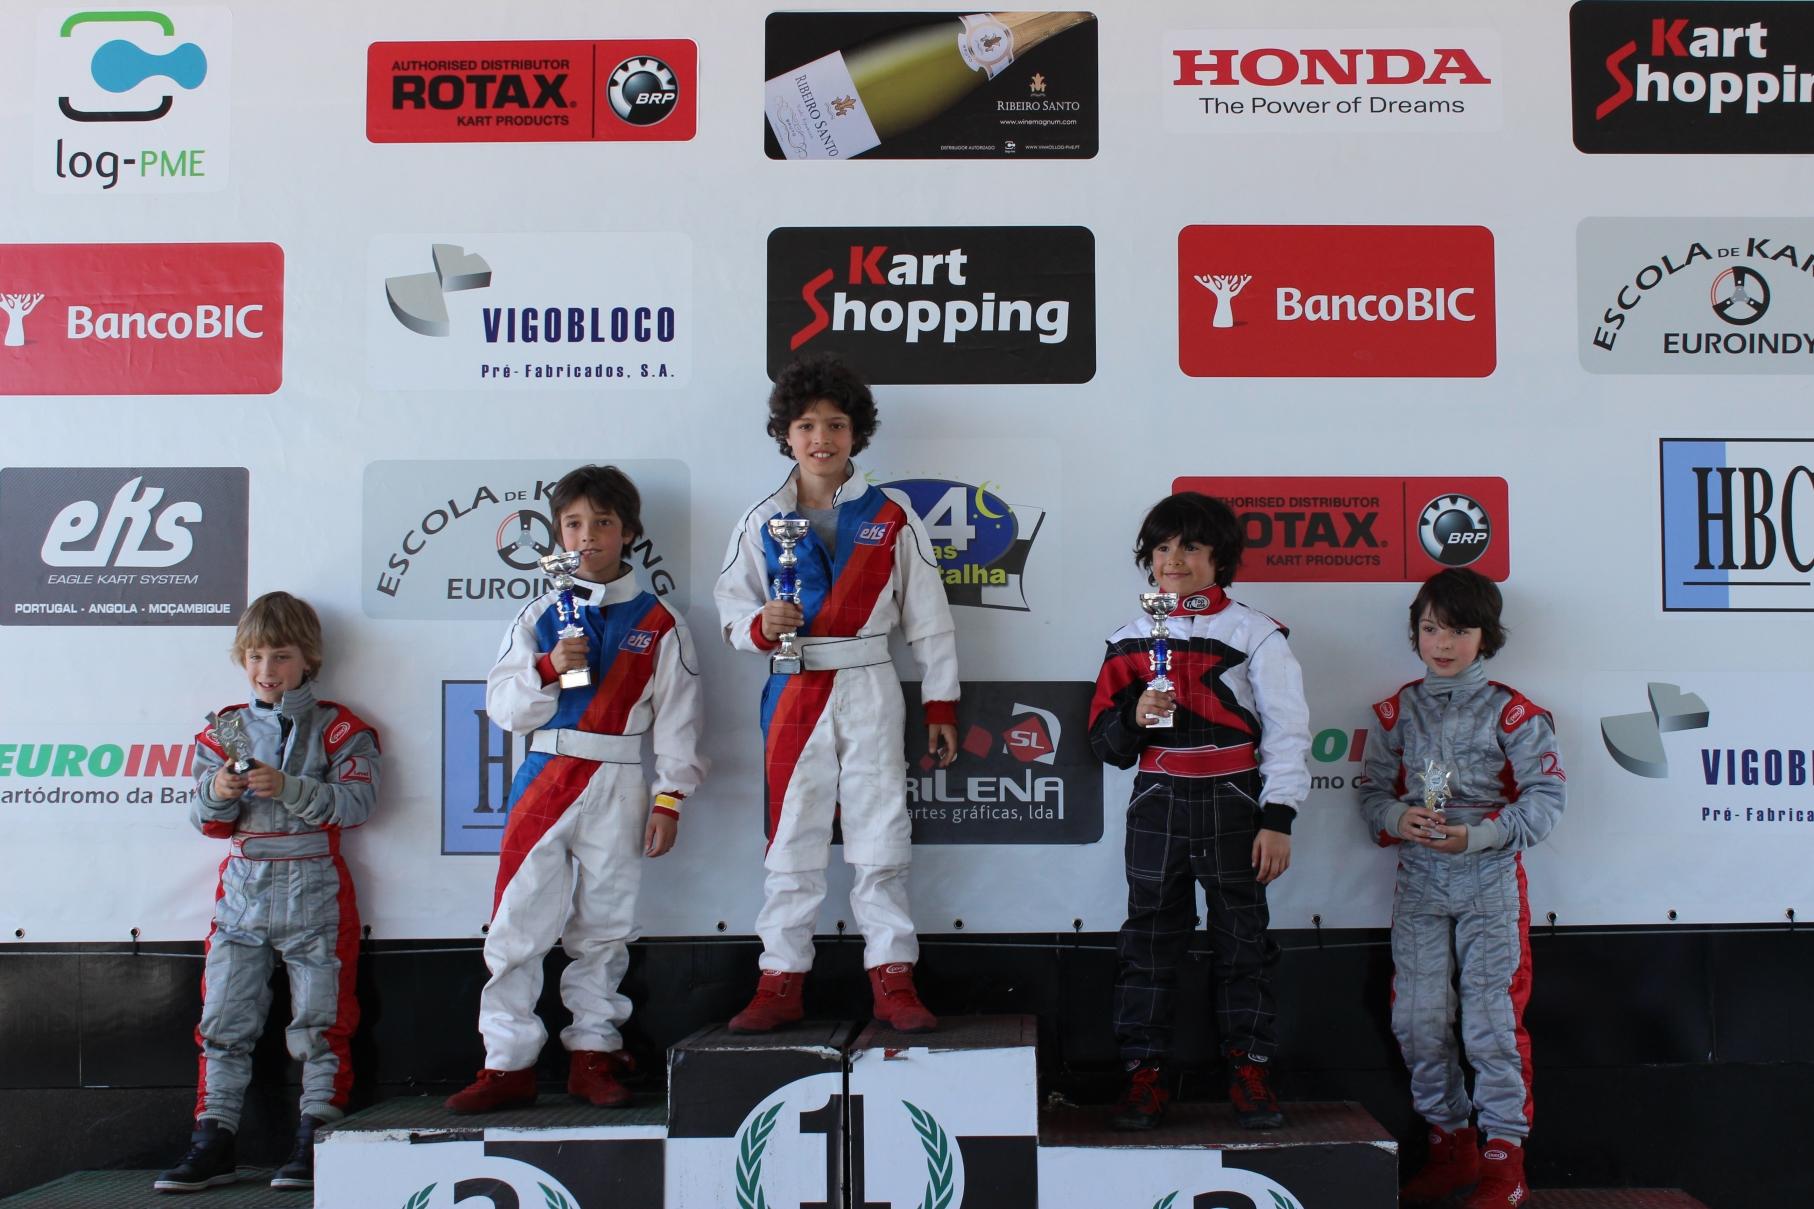 Troféu Honda 2014 - 1ª Prova26